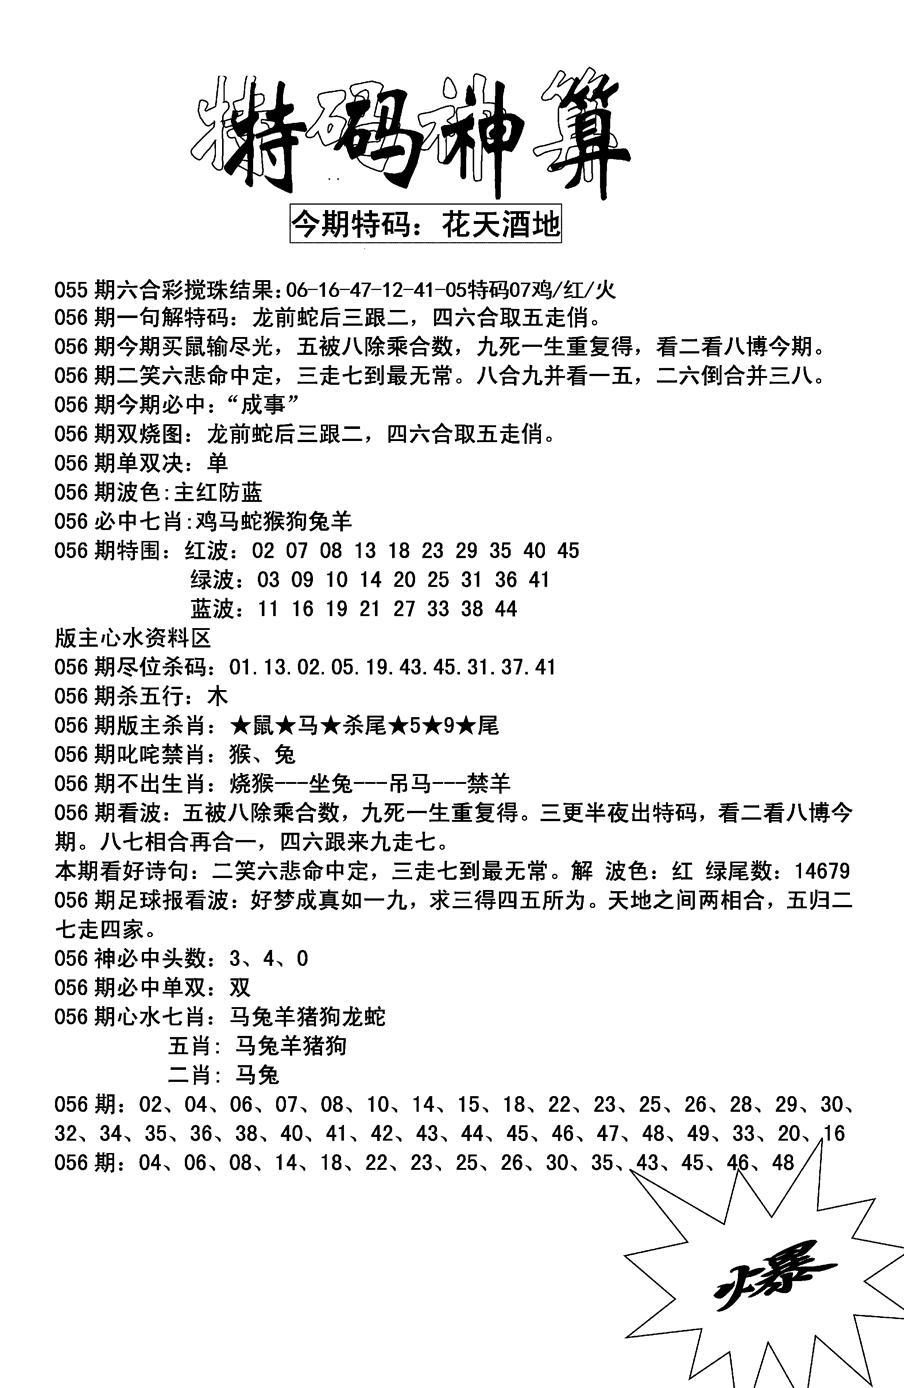 056期特码神算(黑白)